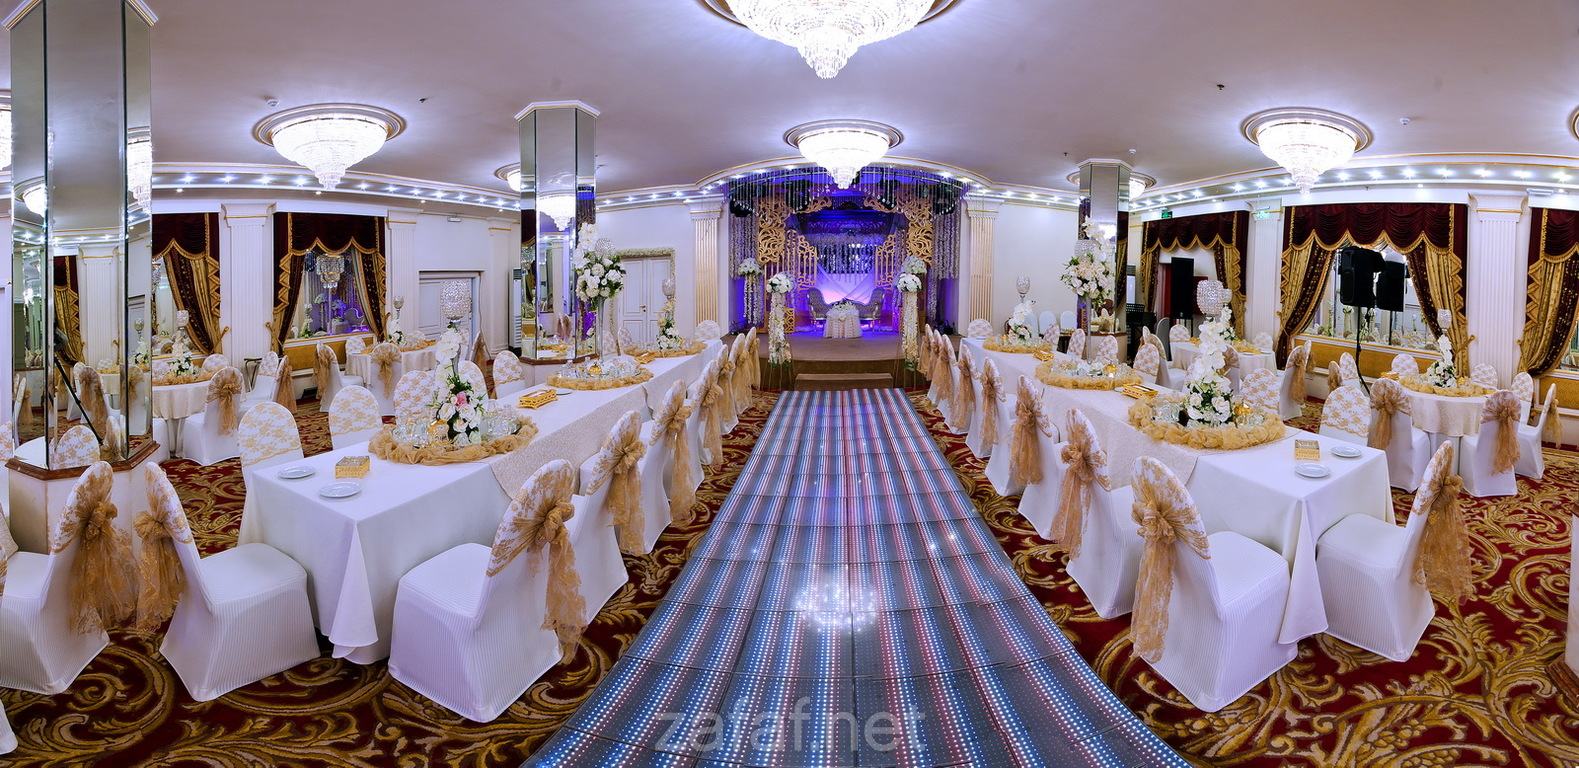 فندق الدار البيضاء رويال - جدة